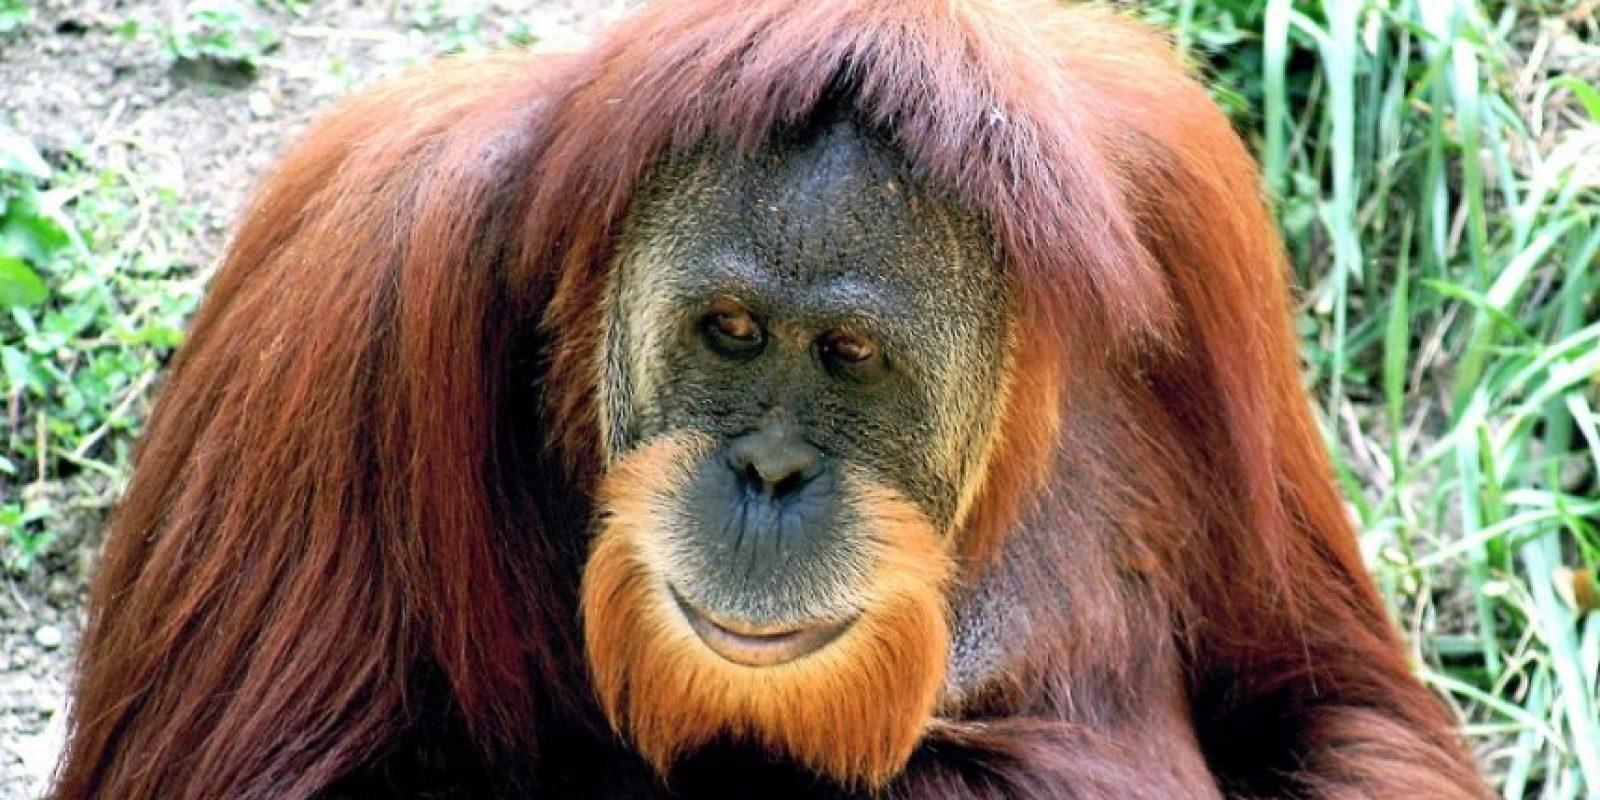 Orangután. El único gran simio de Asia está en serios problemas. Sus últimos reductos que quedan en las selvas tropicales de Indonesia están siendo amenazados por una serie de presiones, incluyendo el cambio climático, poniendo al animal en peligro de extinción en unas pocas décadas Foto:Fuente externa